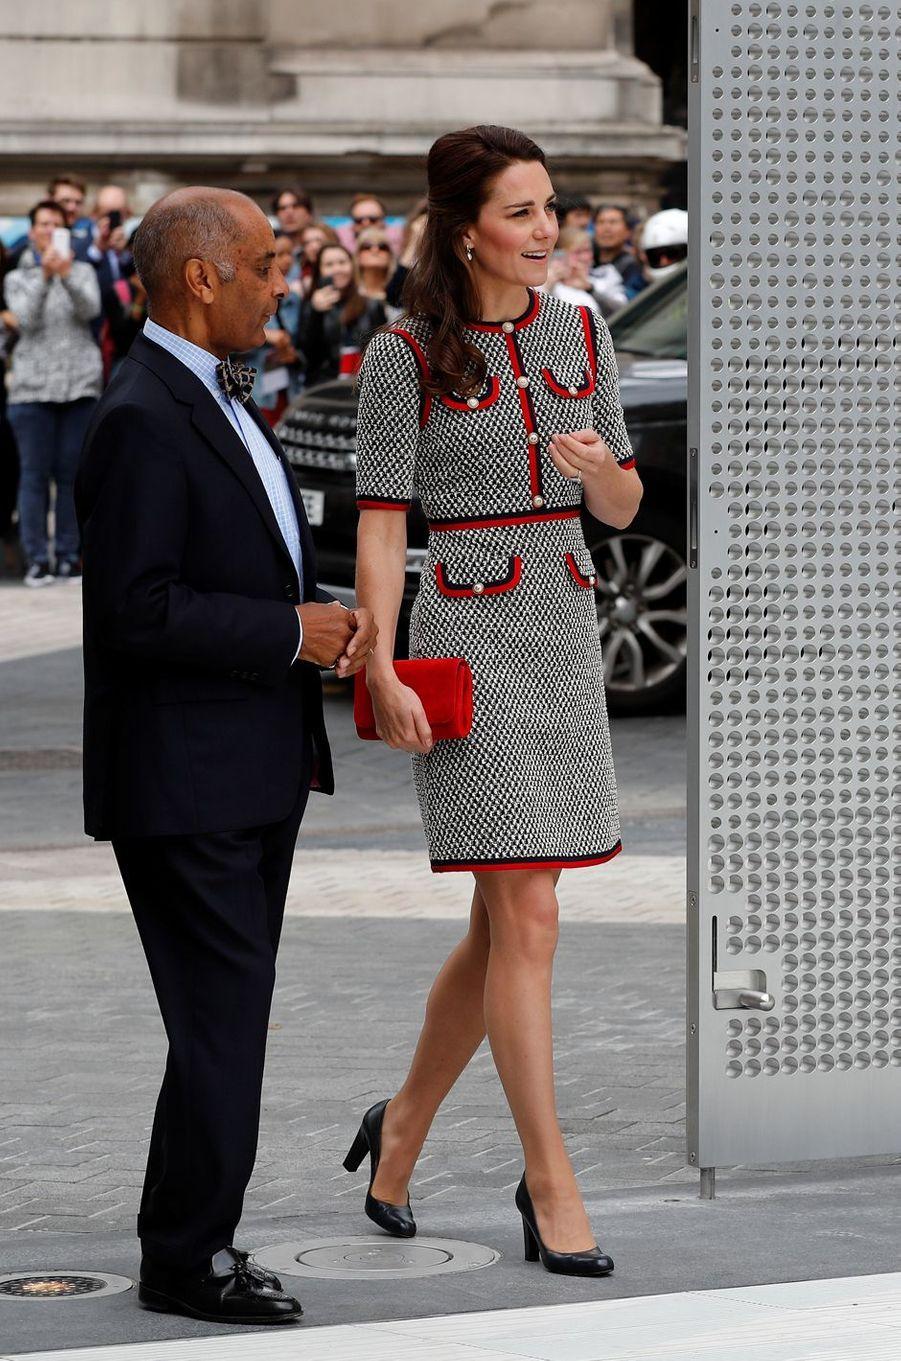 La duchesse de Cambridge, née Kate Middleton, en Gucci à Londres le 29 juin 2017